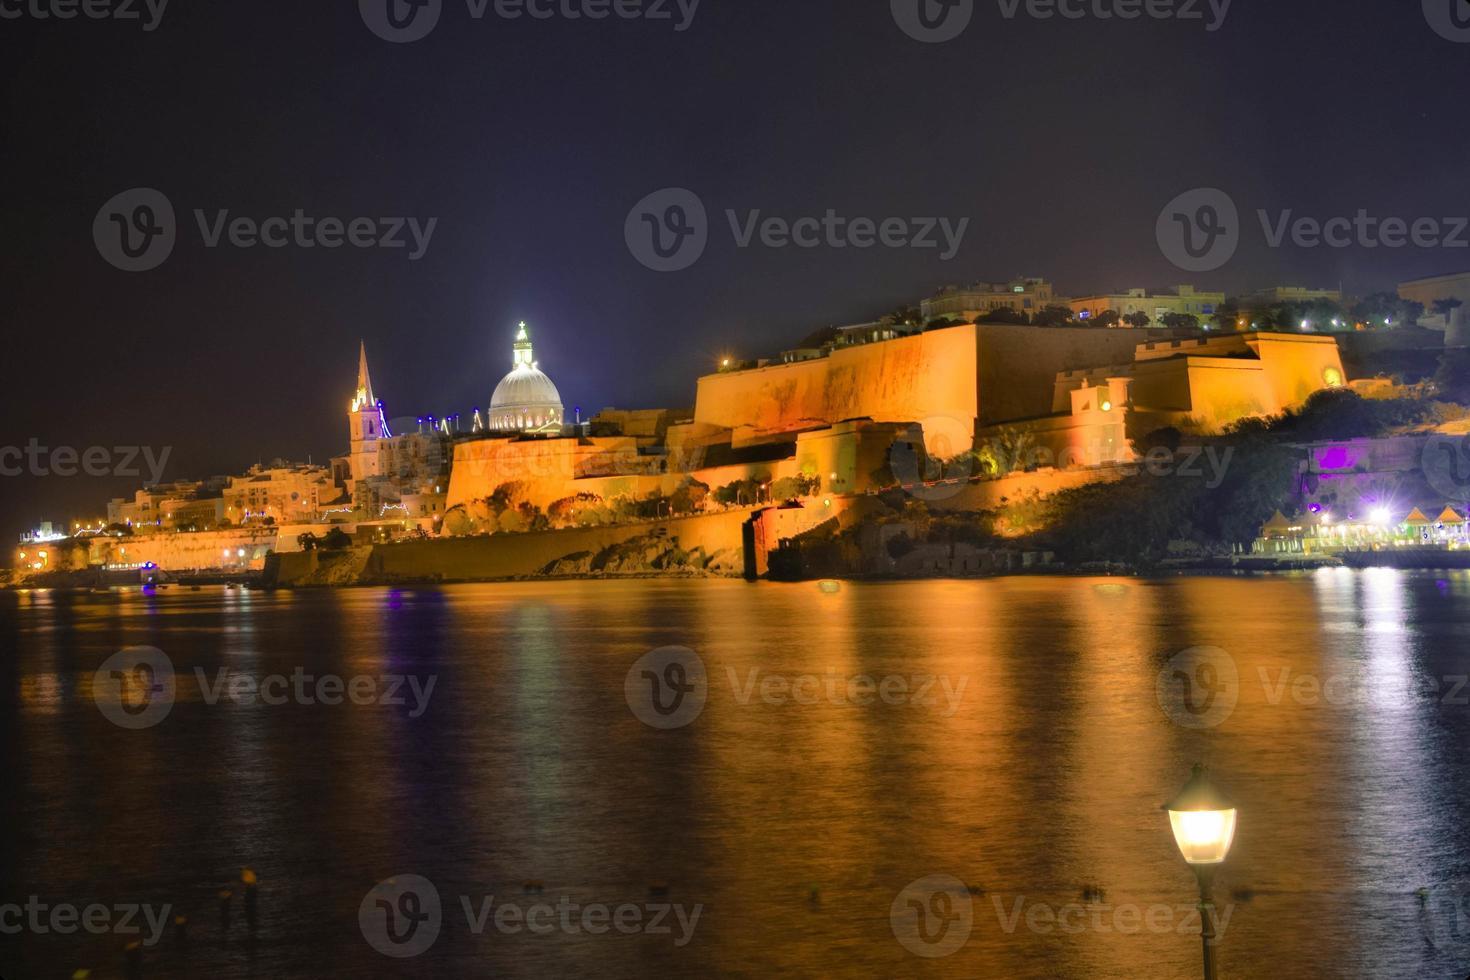 Malta-Valletta View at night photo